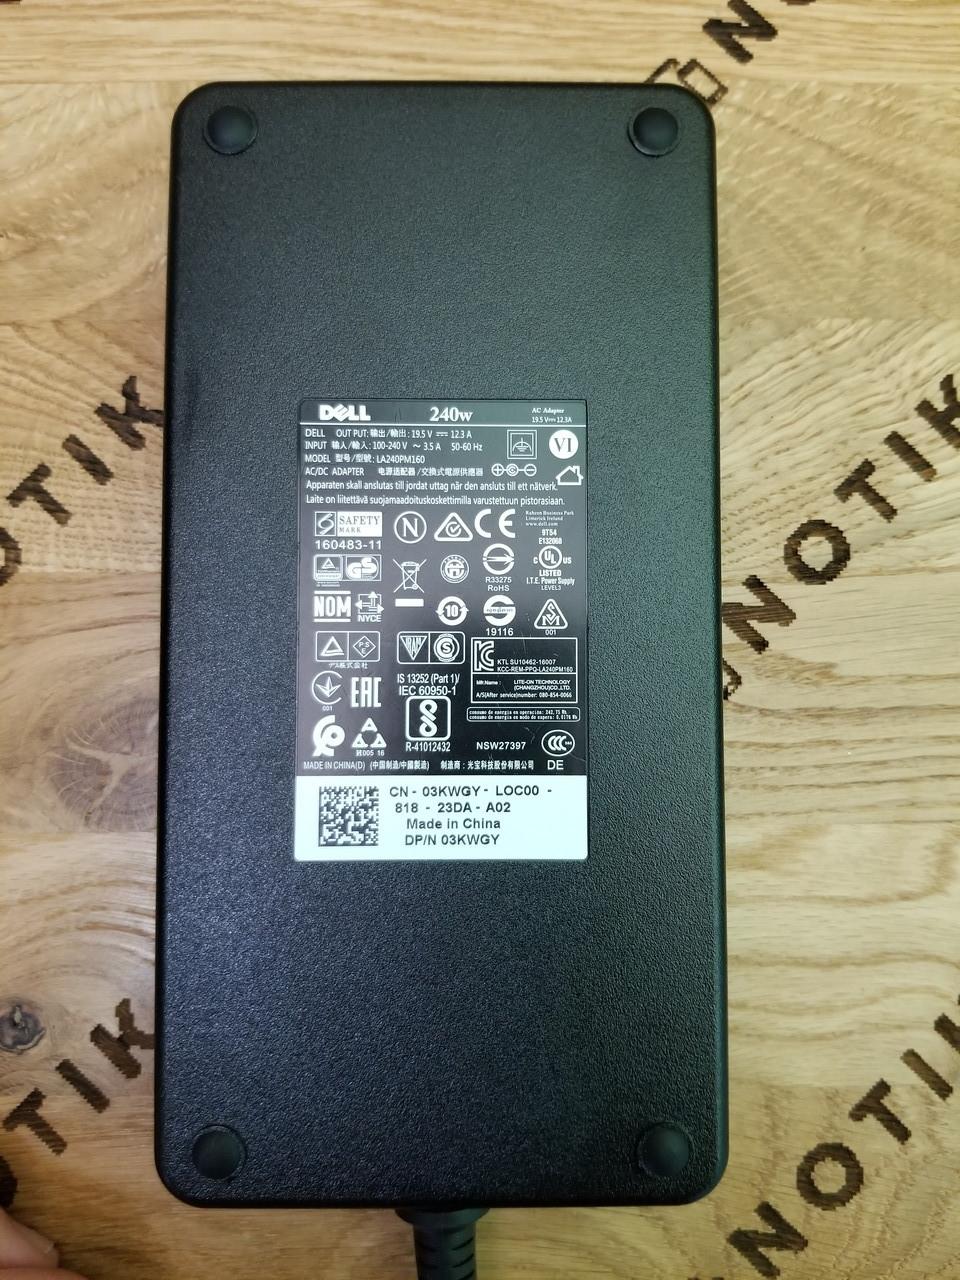 Блок живлення для ноутбука DELL 240W 19.5 V 12.3 A 7.4x5.0mm (la240pm160) ОРИГІНАЛ